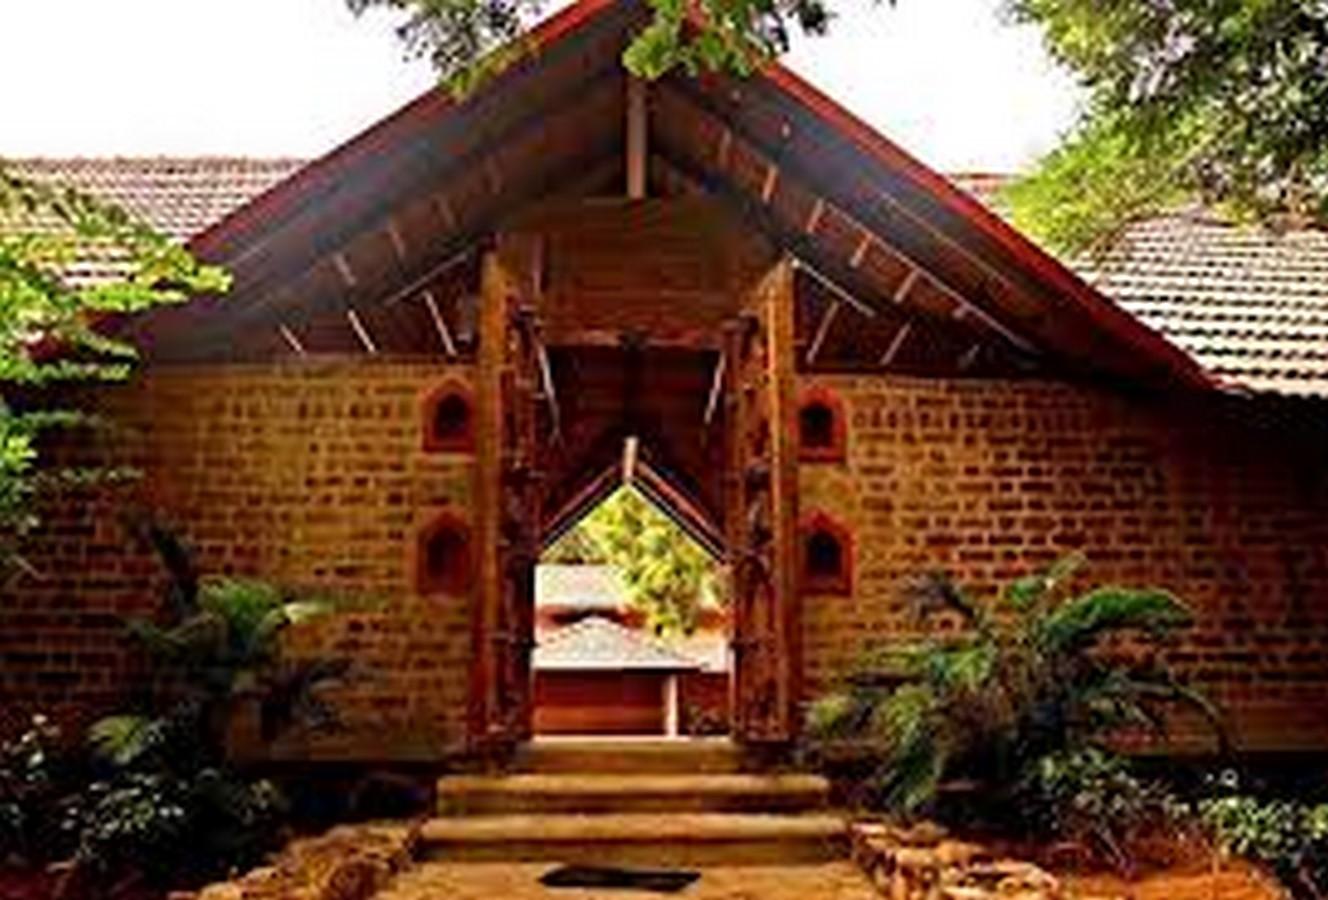 Architect Benny Kuriakose, Chennai, Tamil Nadu - Sheet1